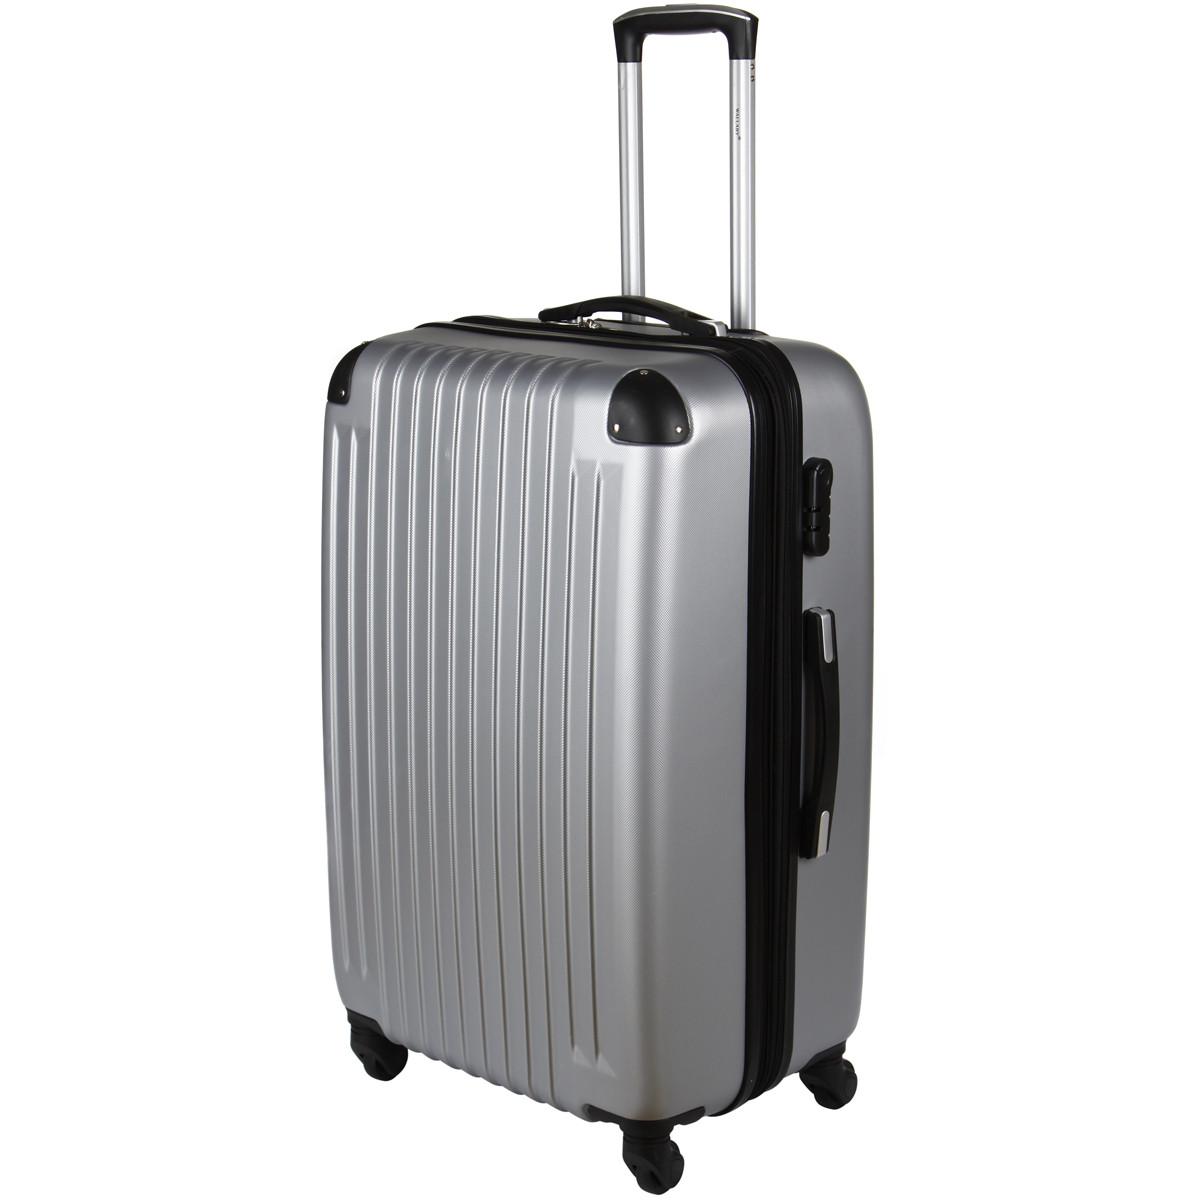 Чемодан Wallaby пластиковый  ABS большой  67(+6)х44х29(+3) серый   в 6265-26сер